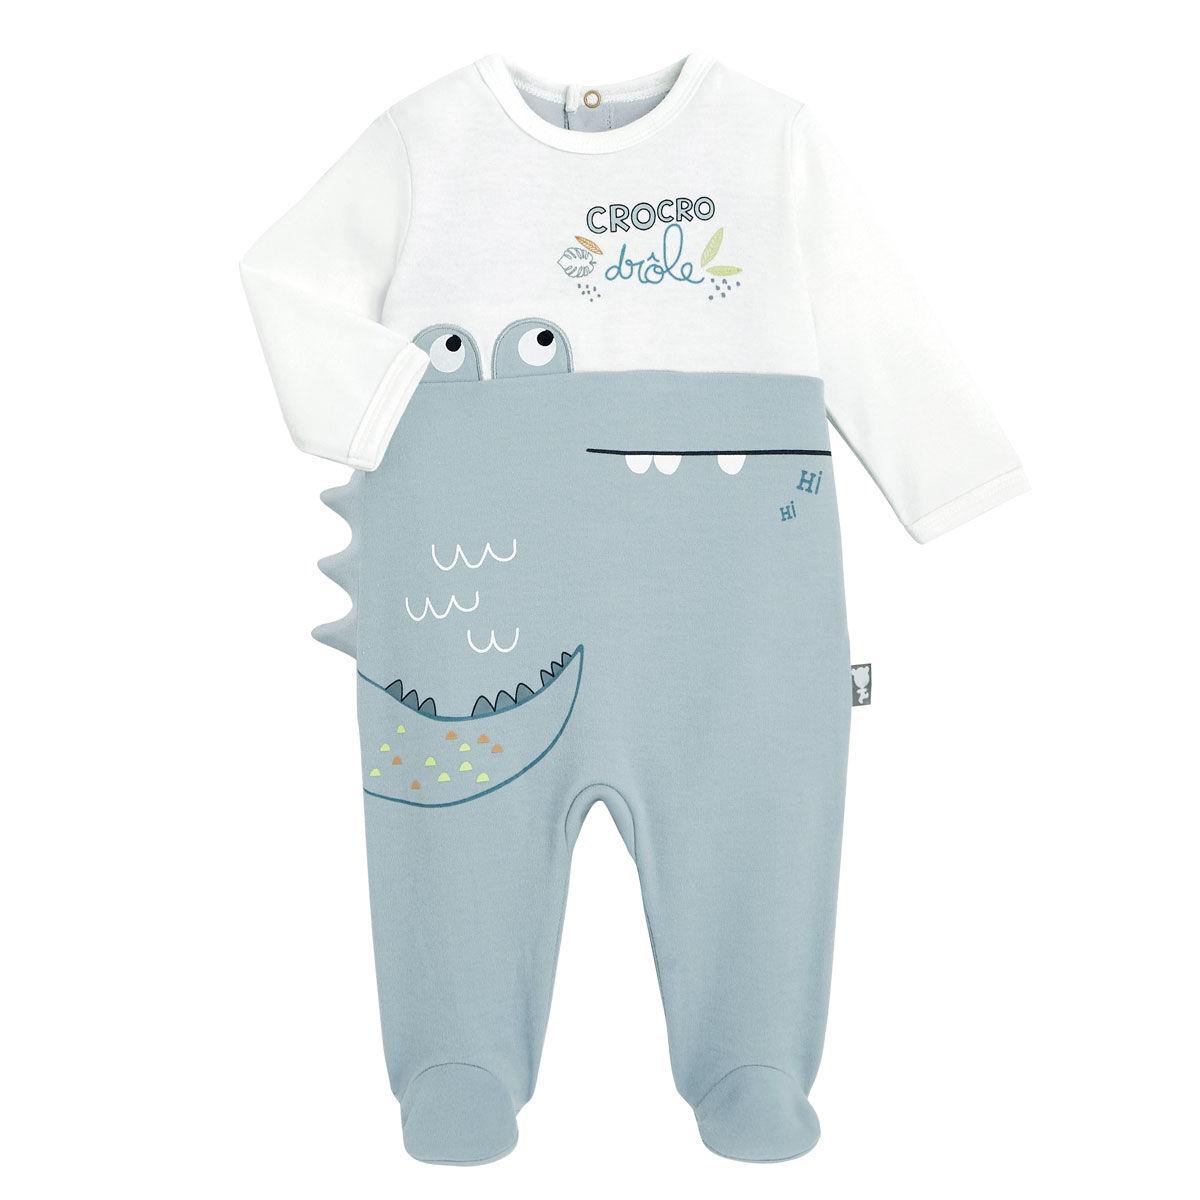 Petit Béguin Pyjama bébé Croco Jungle - Taille - 36 mois